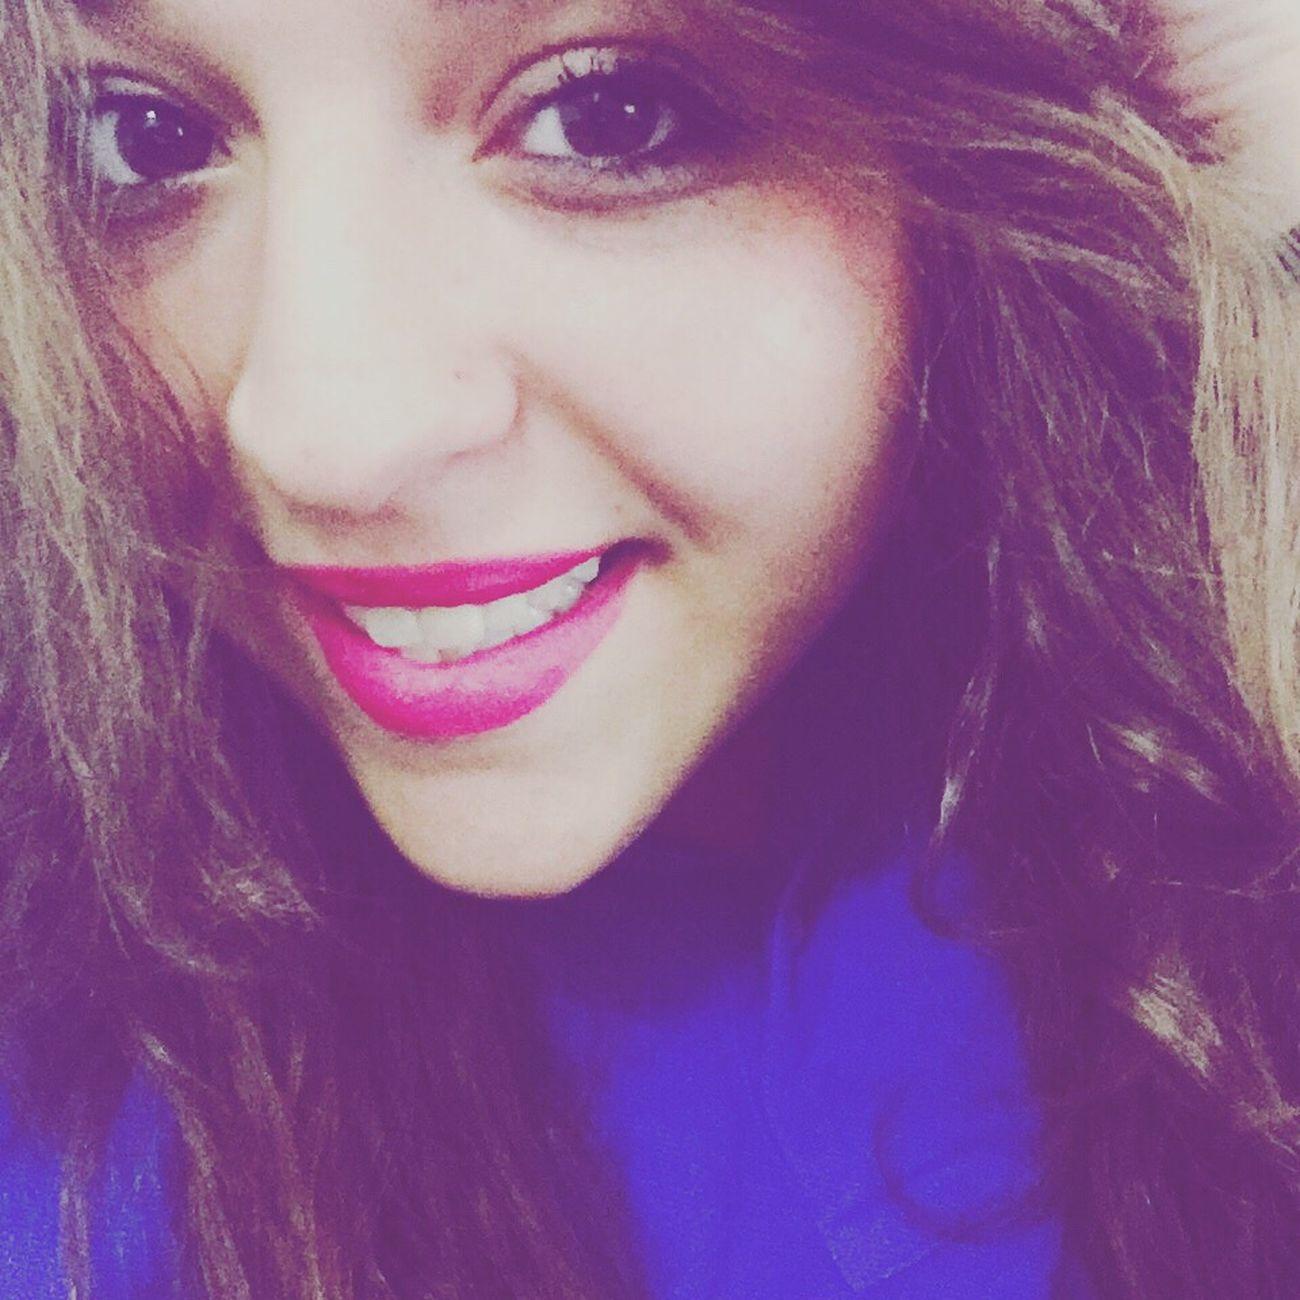 Semplicità, buona sera.. ❤️😊 Ogni Riccio Un Capriccio! OcchiettiBelli Beautiful ♥ Instafollow Kisses❌⭕❌⭕ Italy❤️ Smile❤ Woman Istacoment Happy Me Smile Napoletana❤️ Semplicity Semplicità